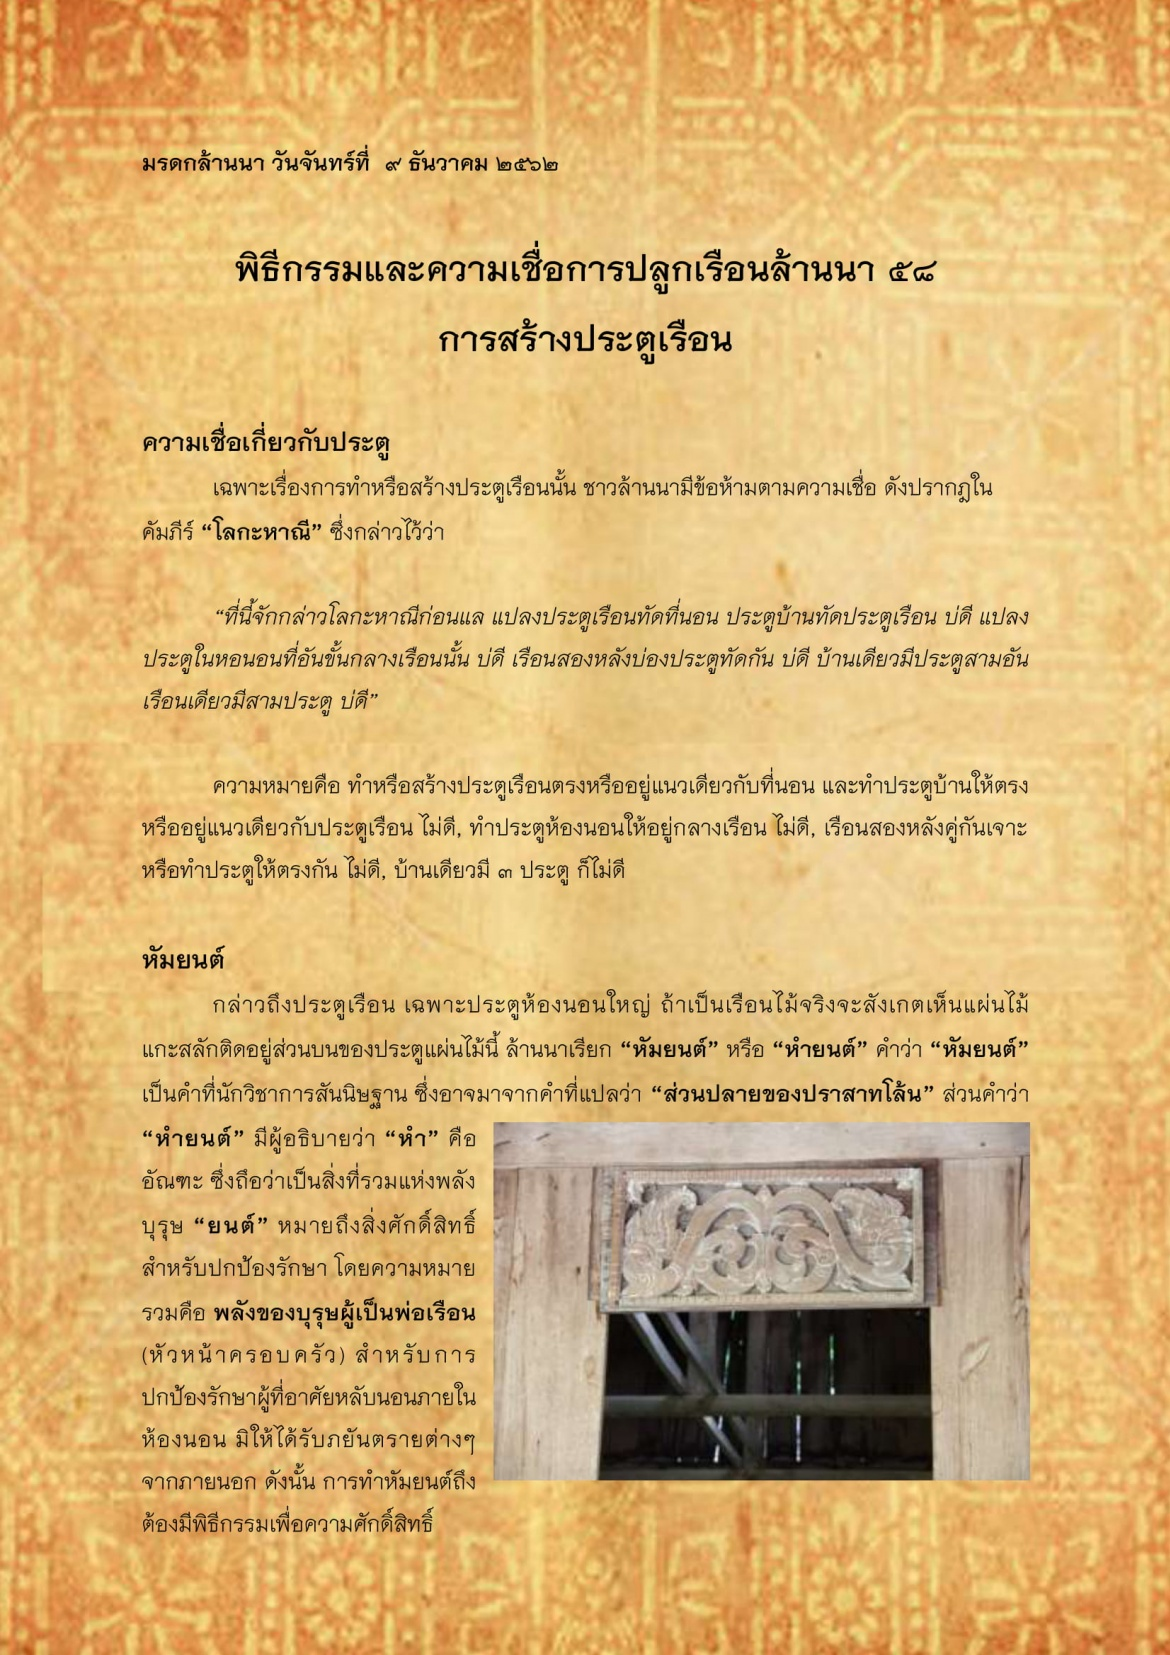 พิธีกรรมเเละความเชื่อการปลูกเรือนล้านนา(58) - 9 ธันวาคม 2562